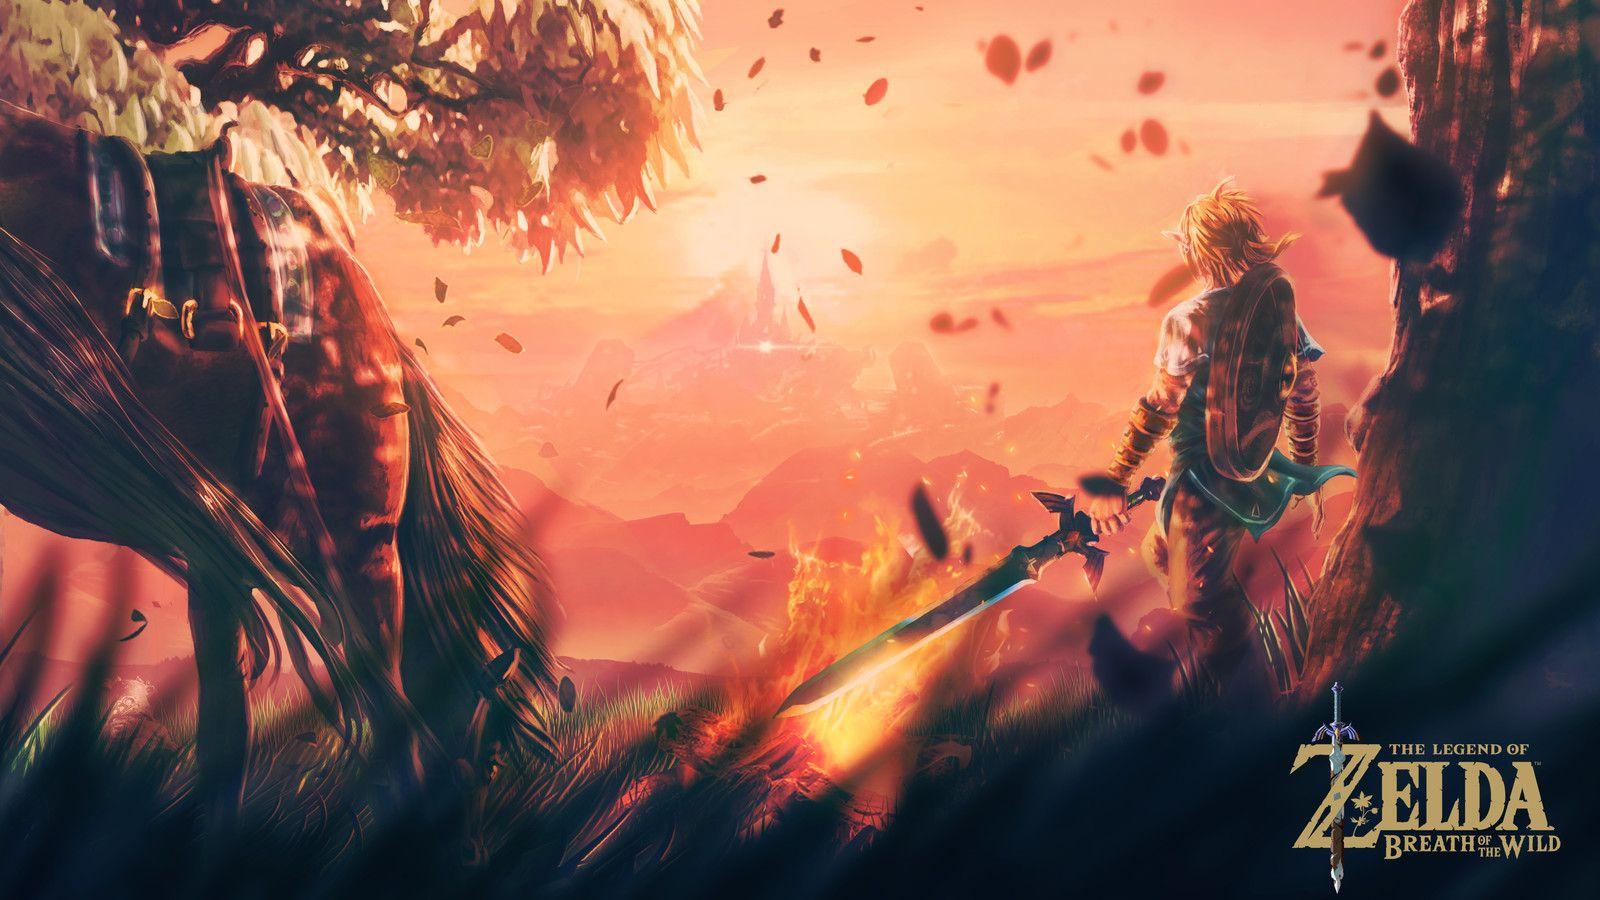 A Pause Before The Battle The Legend Of Zelda Breath Of The Wild Fan Art Andre Filipe Legend Of Zelda The Legend Of Zelda Wallpaper Breath Of The Wild